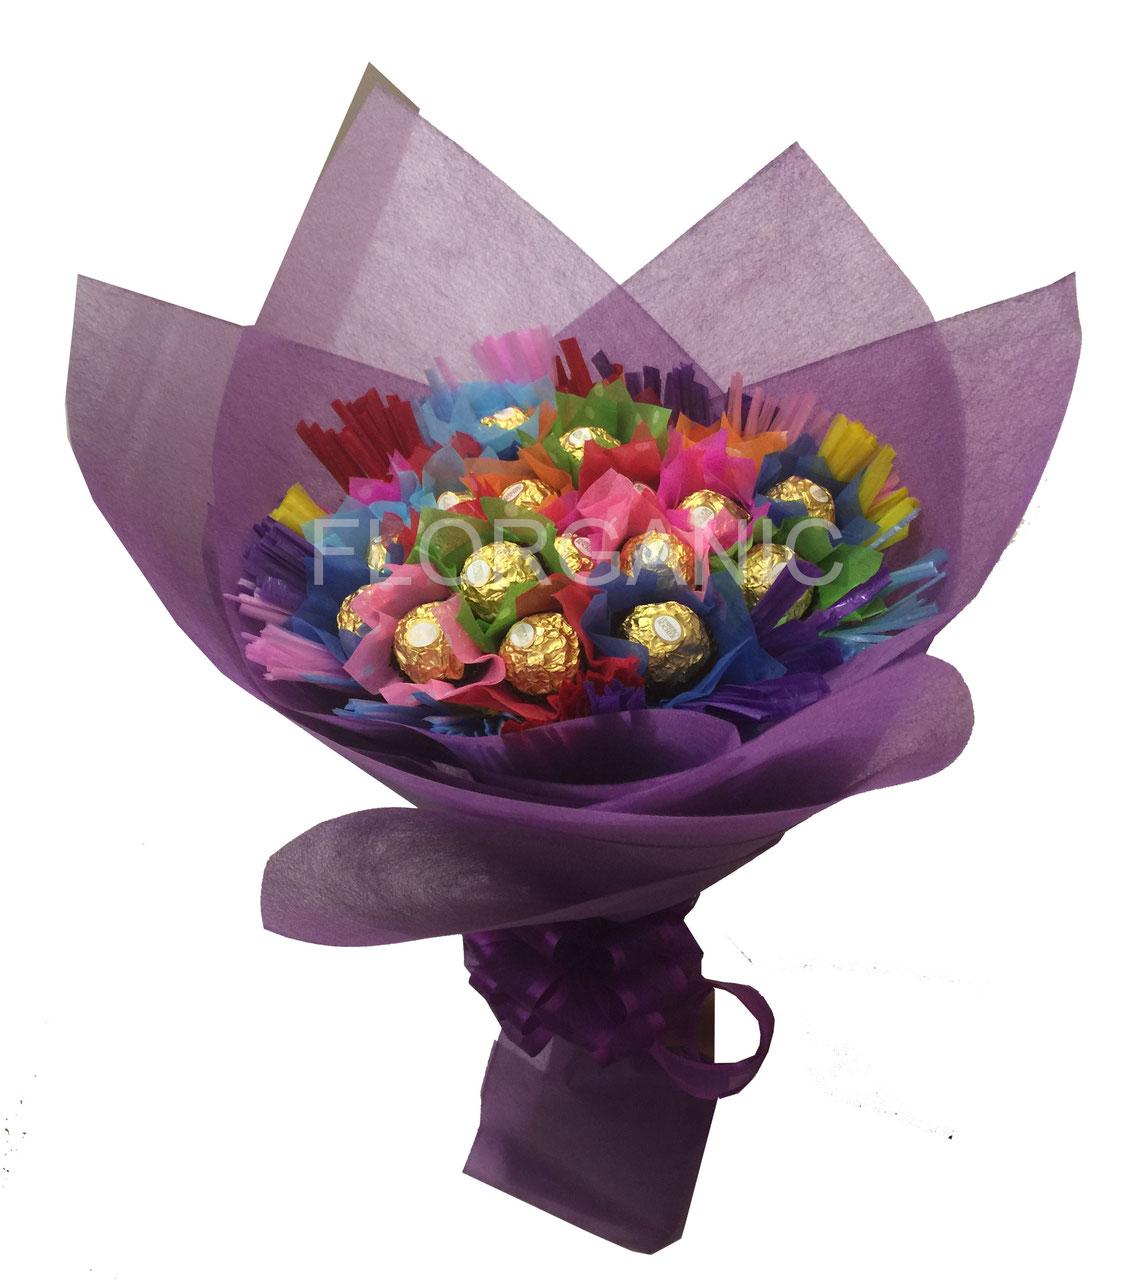 Dulces y globos a domicilio florganic flores a domicilio df for Arreglos de mesa con dulces